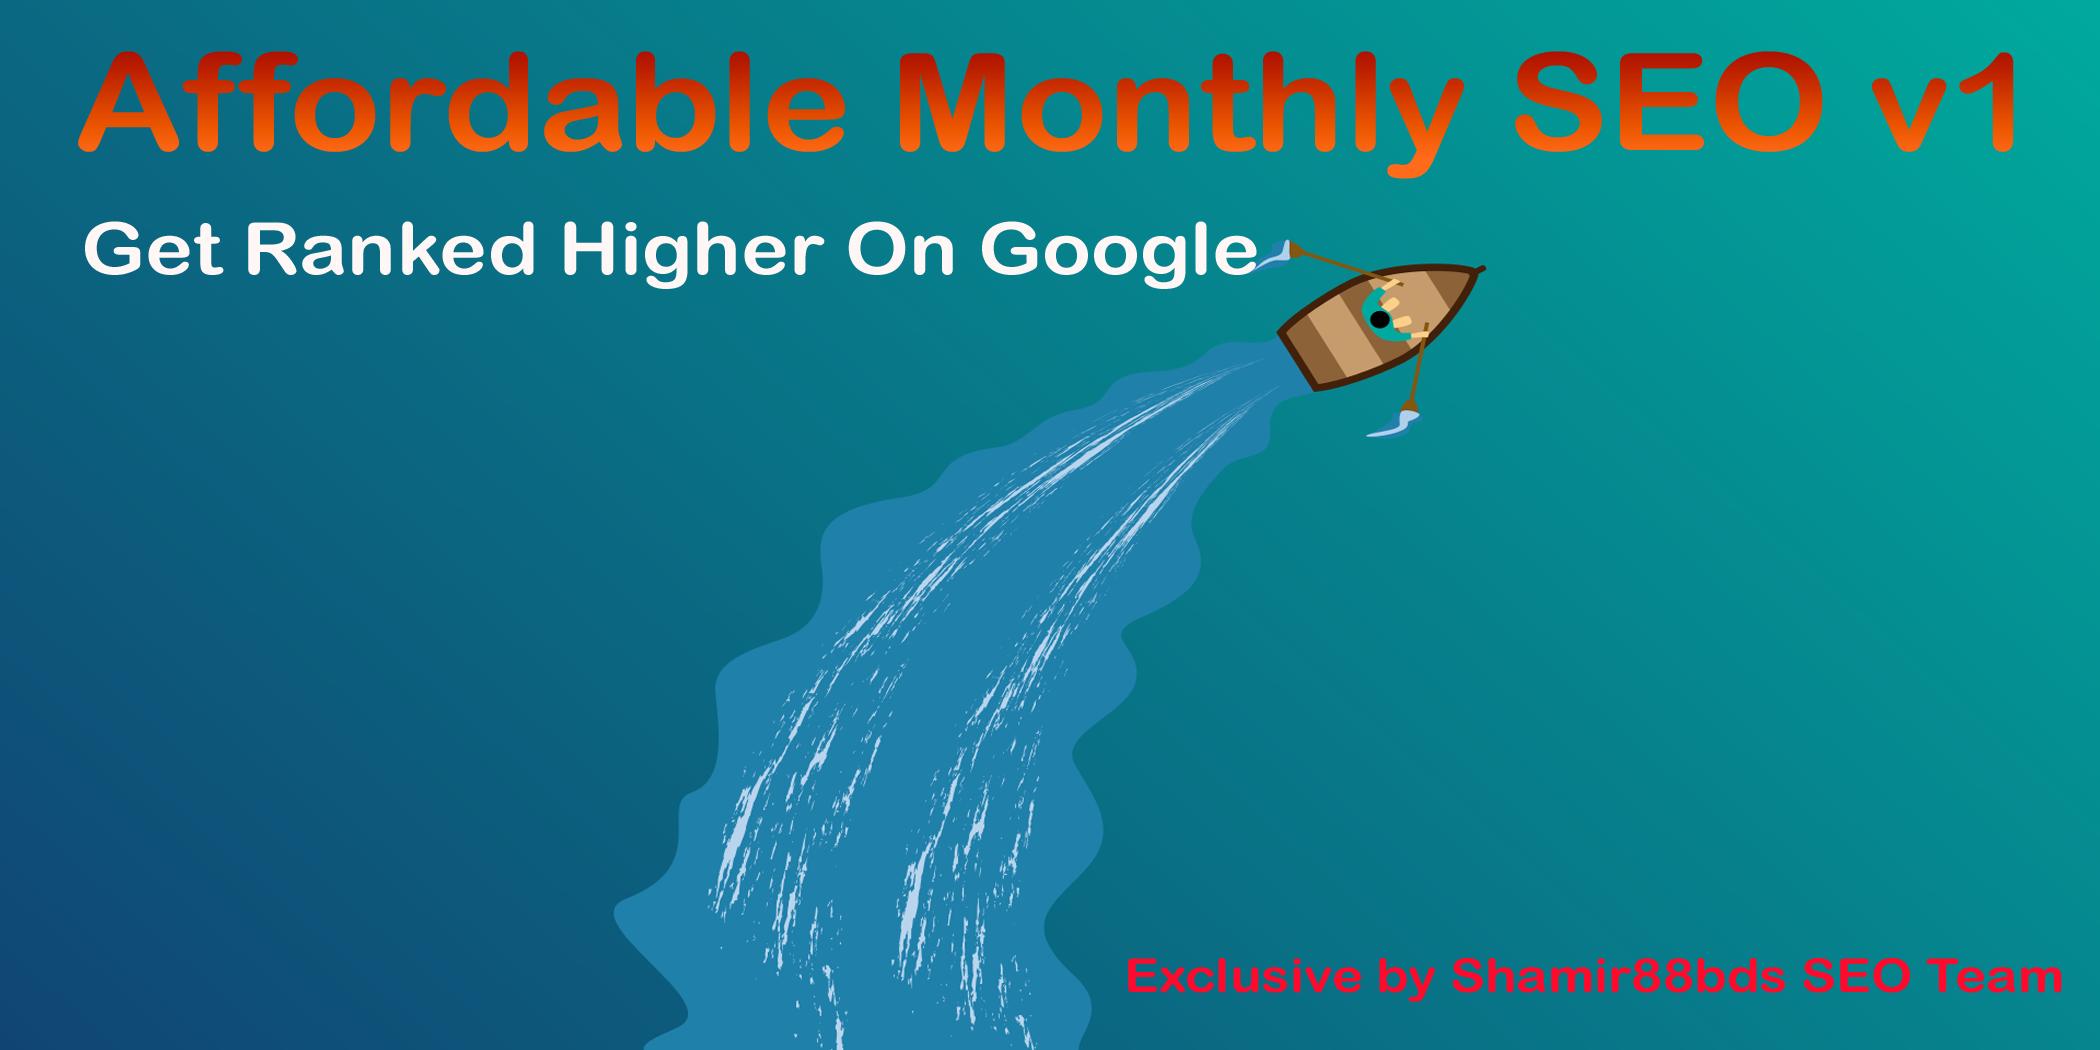 Affordable Monthly SEO v1 - Get Ranked Higher On Google